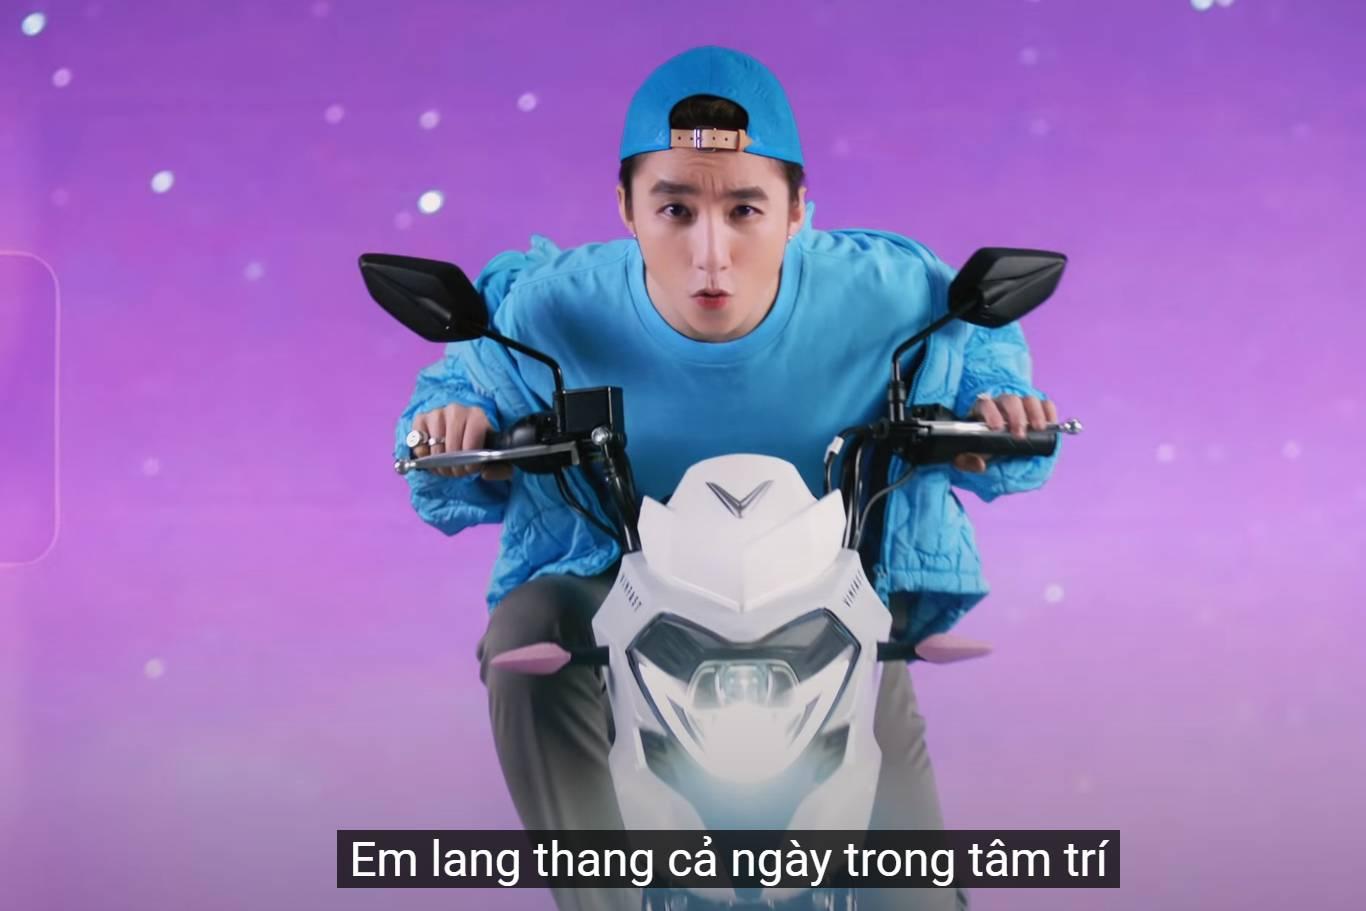 'Có chắc yêu là đây': Sơn Tùng M-TP làm MV nghiêm túc hay chỉ để quảng cáo xe điện?